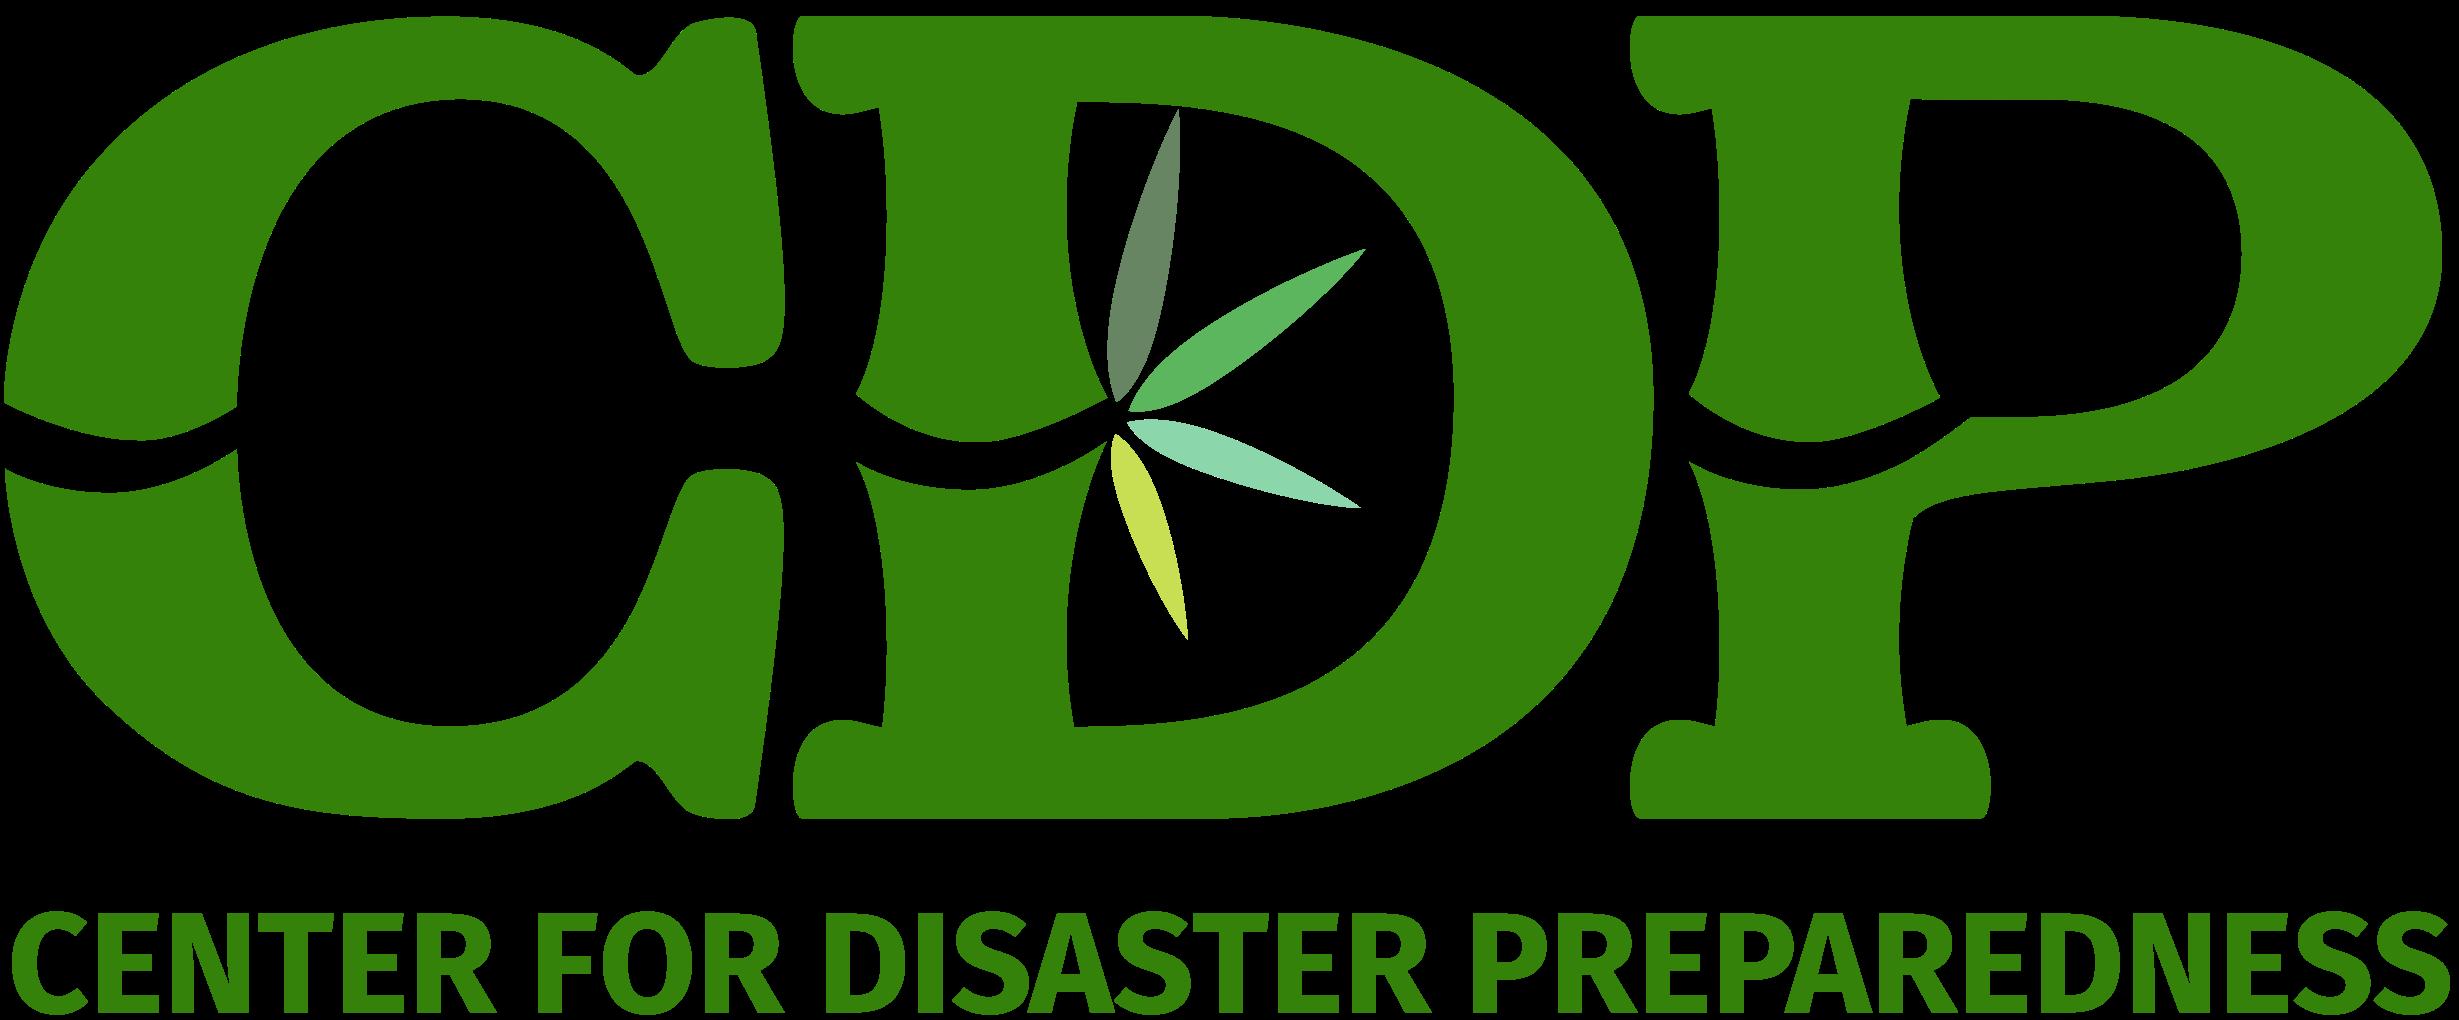 CDP Center for Disaster Preparedness Logo